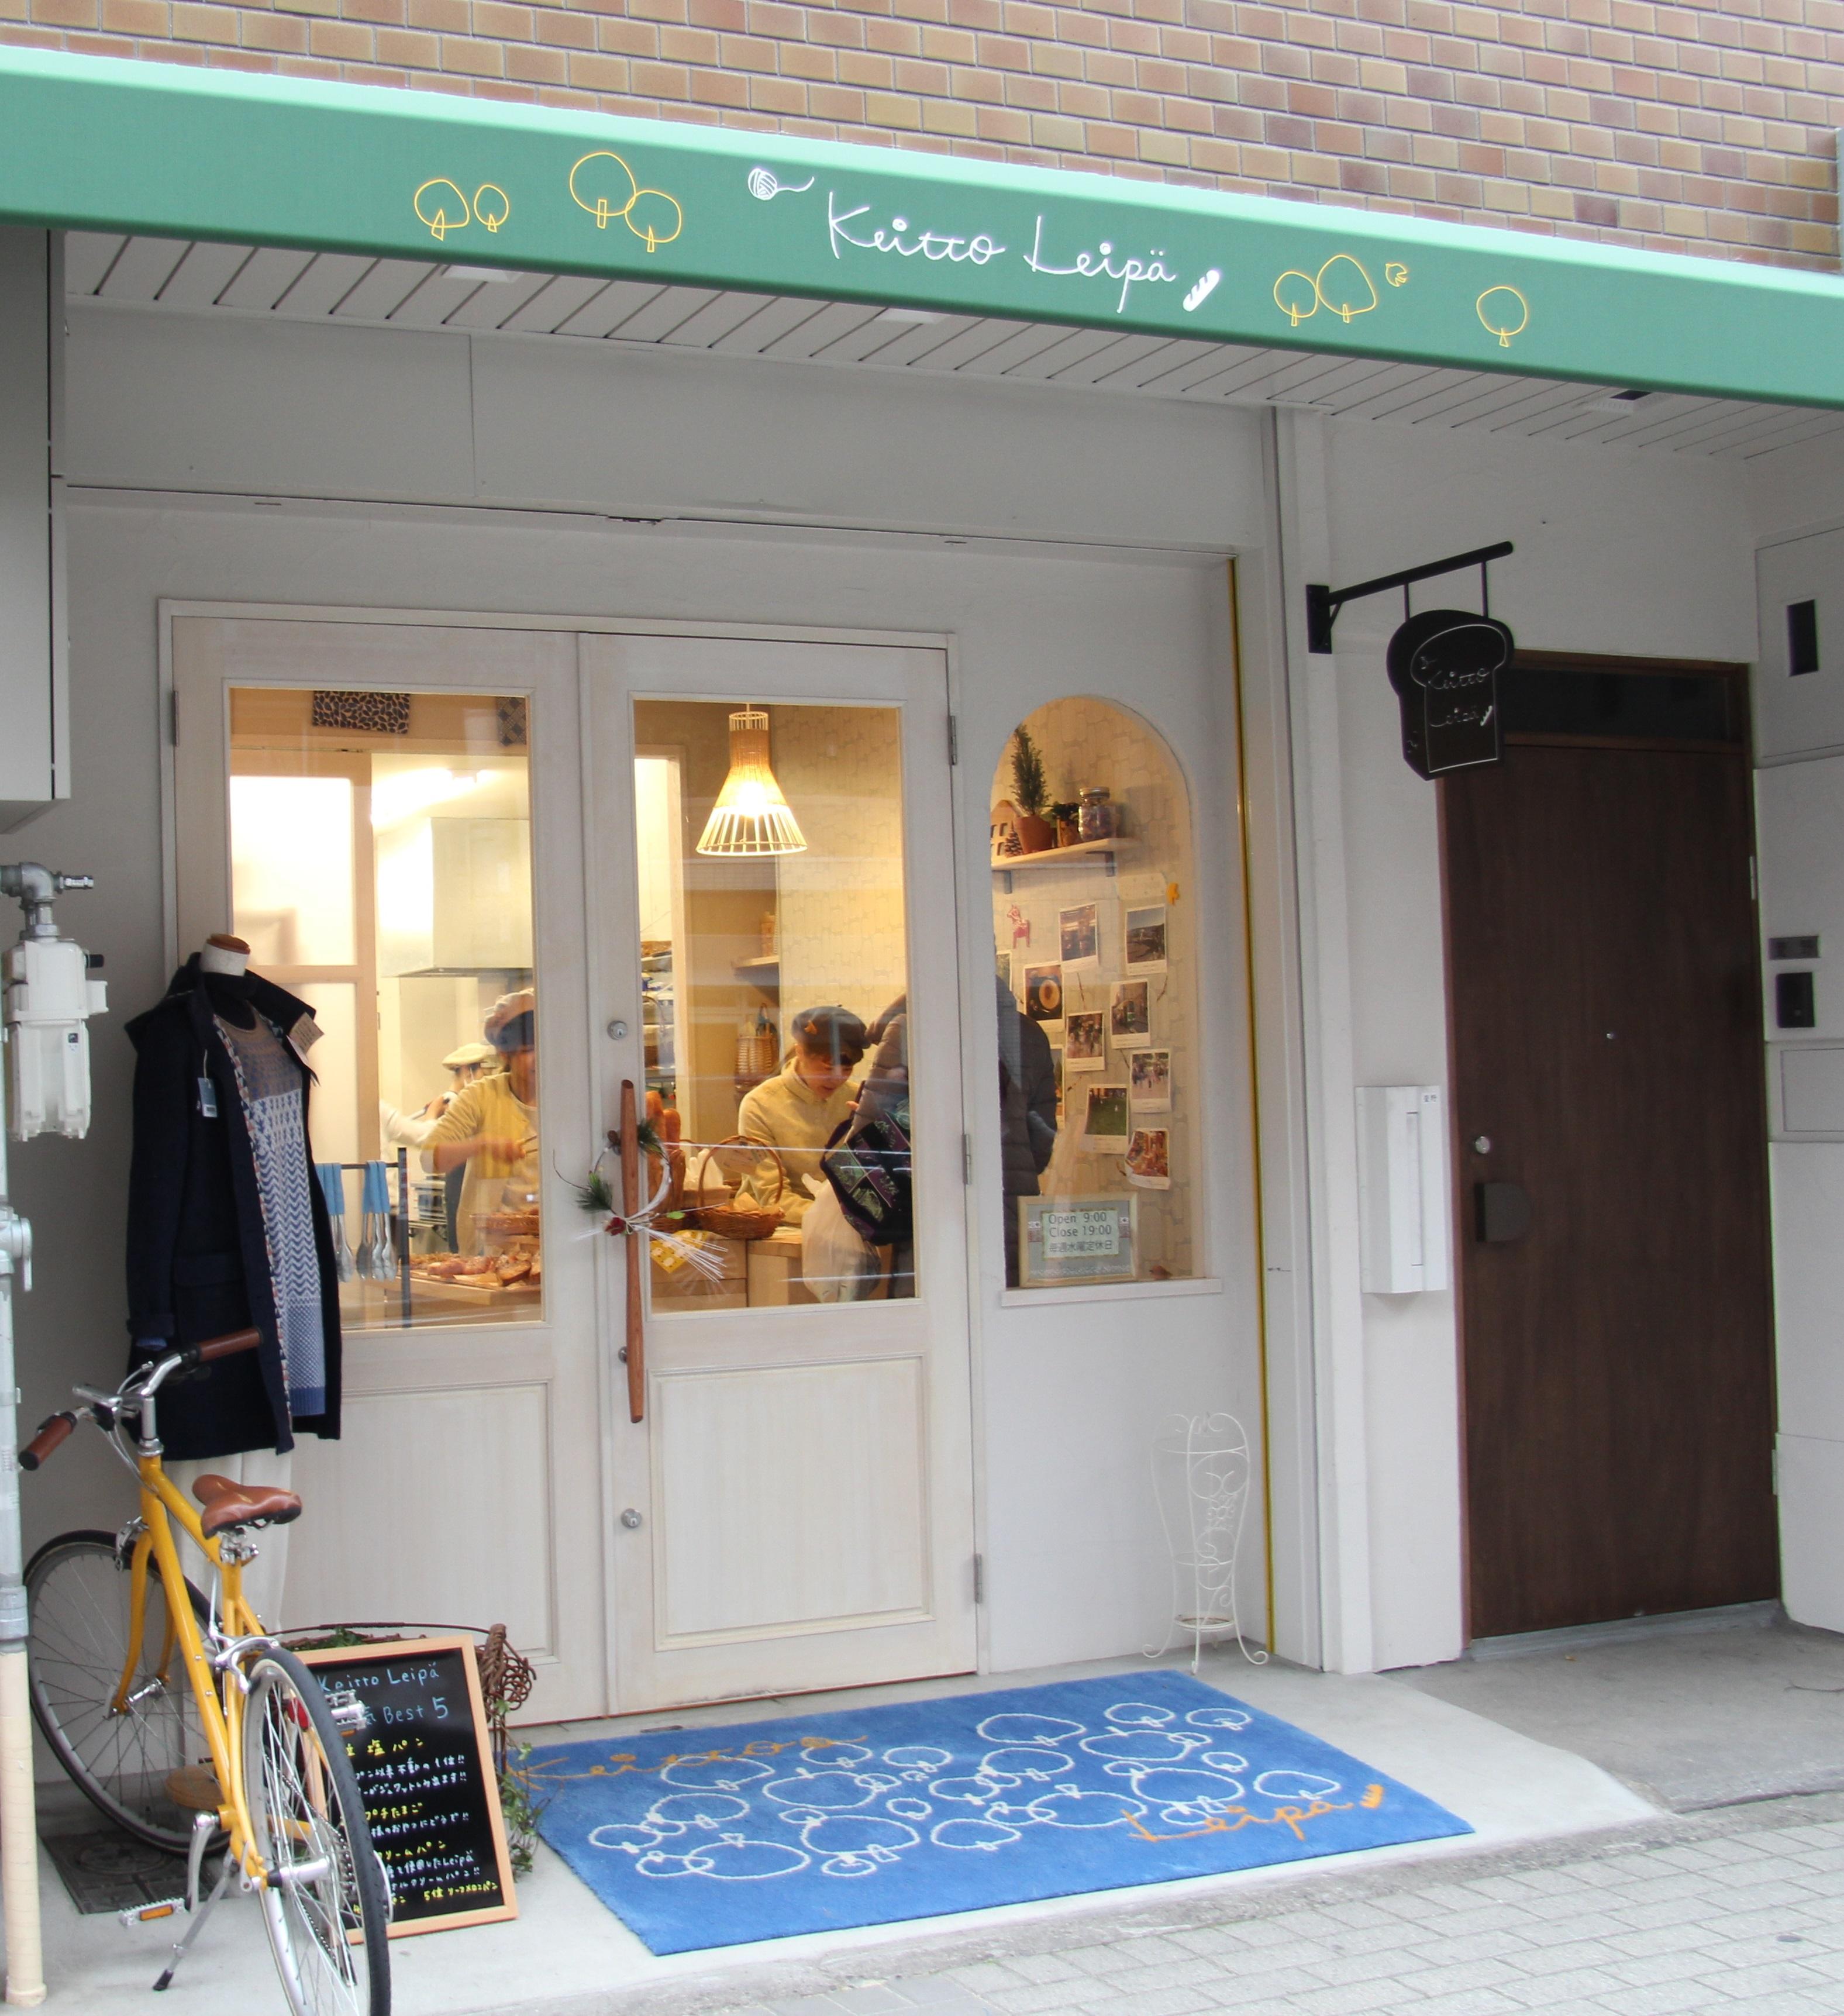 新店舗のパン工房にて、20代経験者はじめブーランジェ3名採用【株式会社ノースオブジェクト】